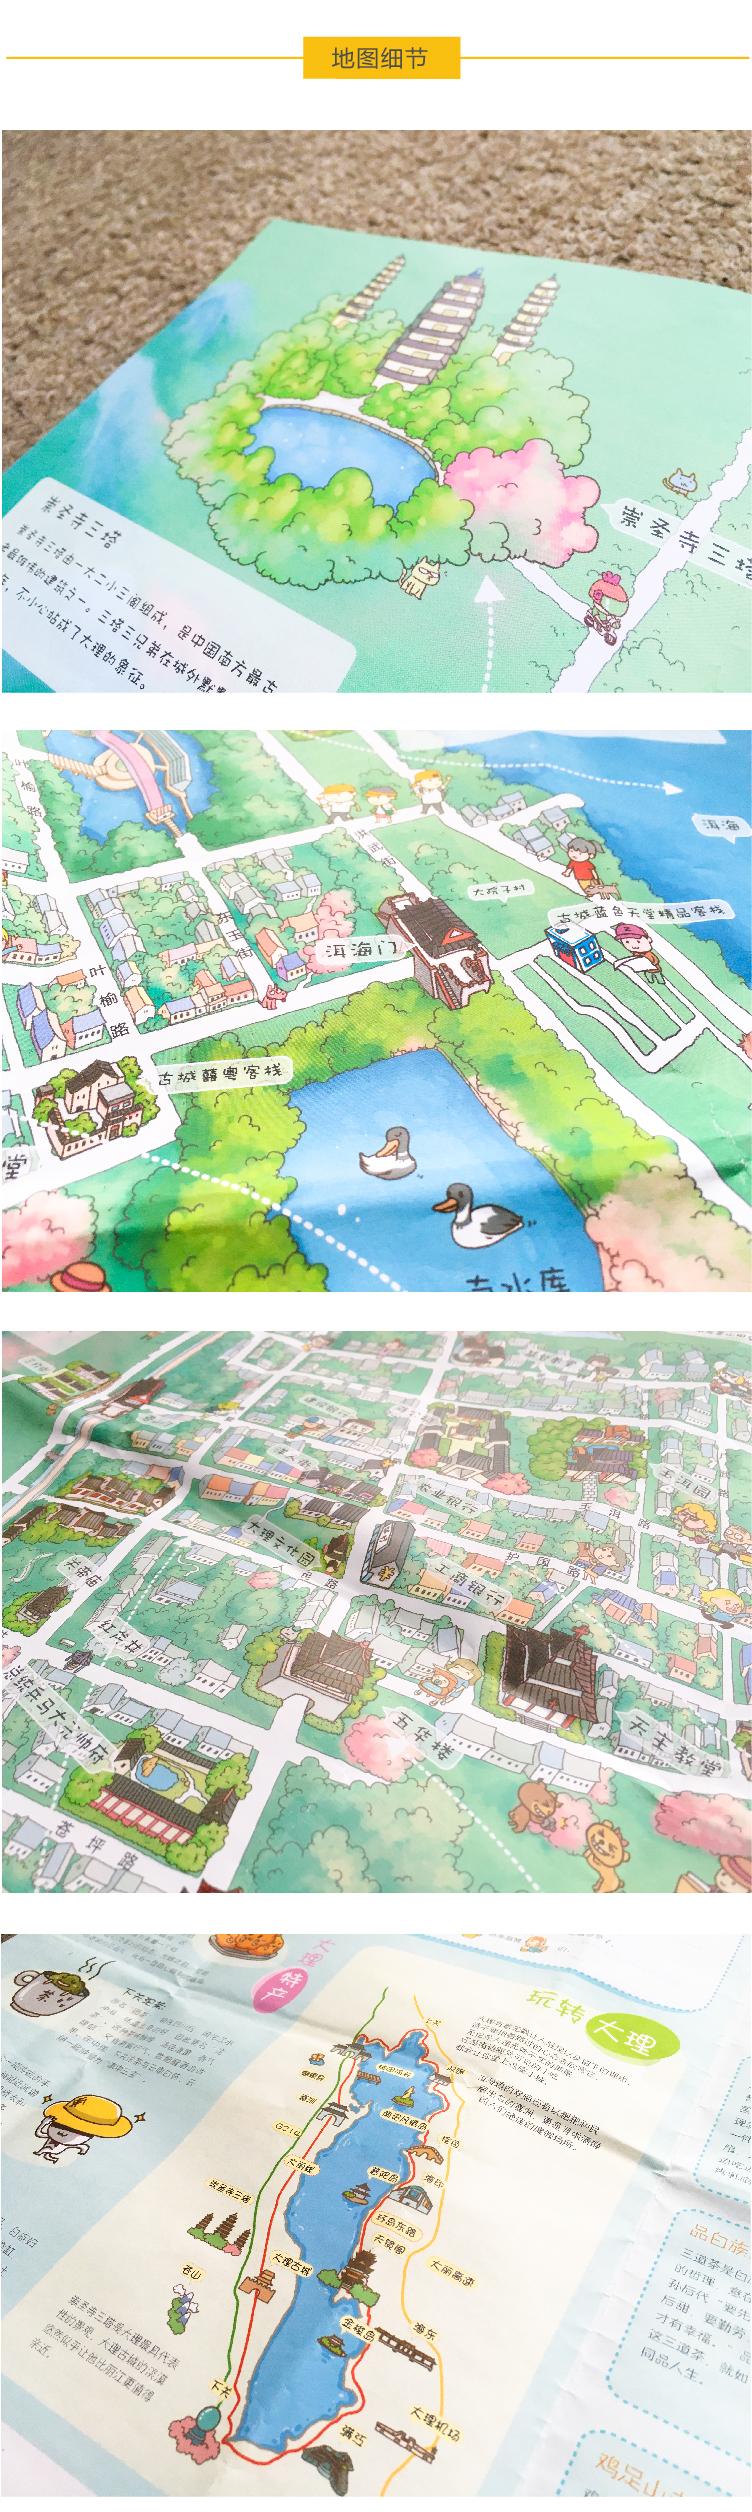 原创作品:大理手绘地图